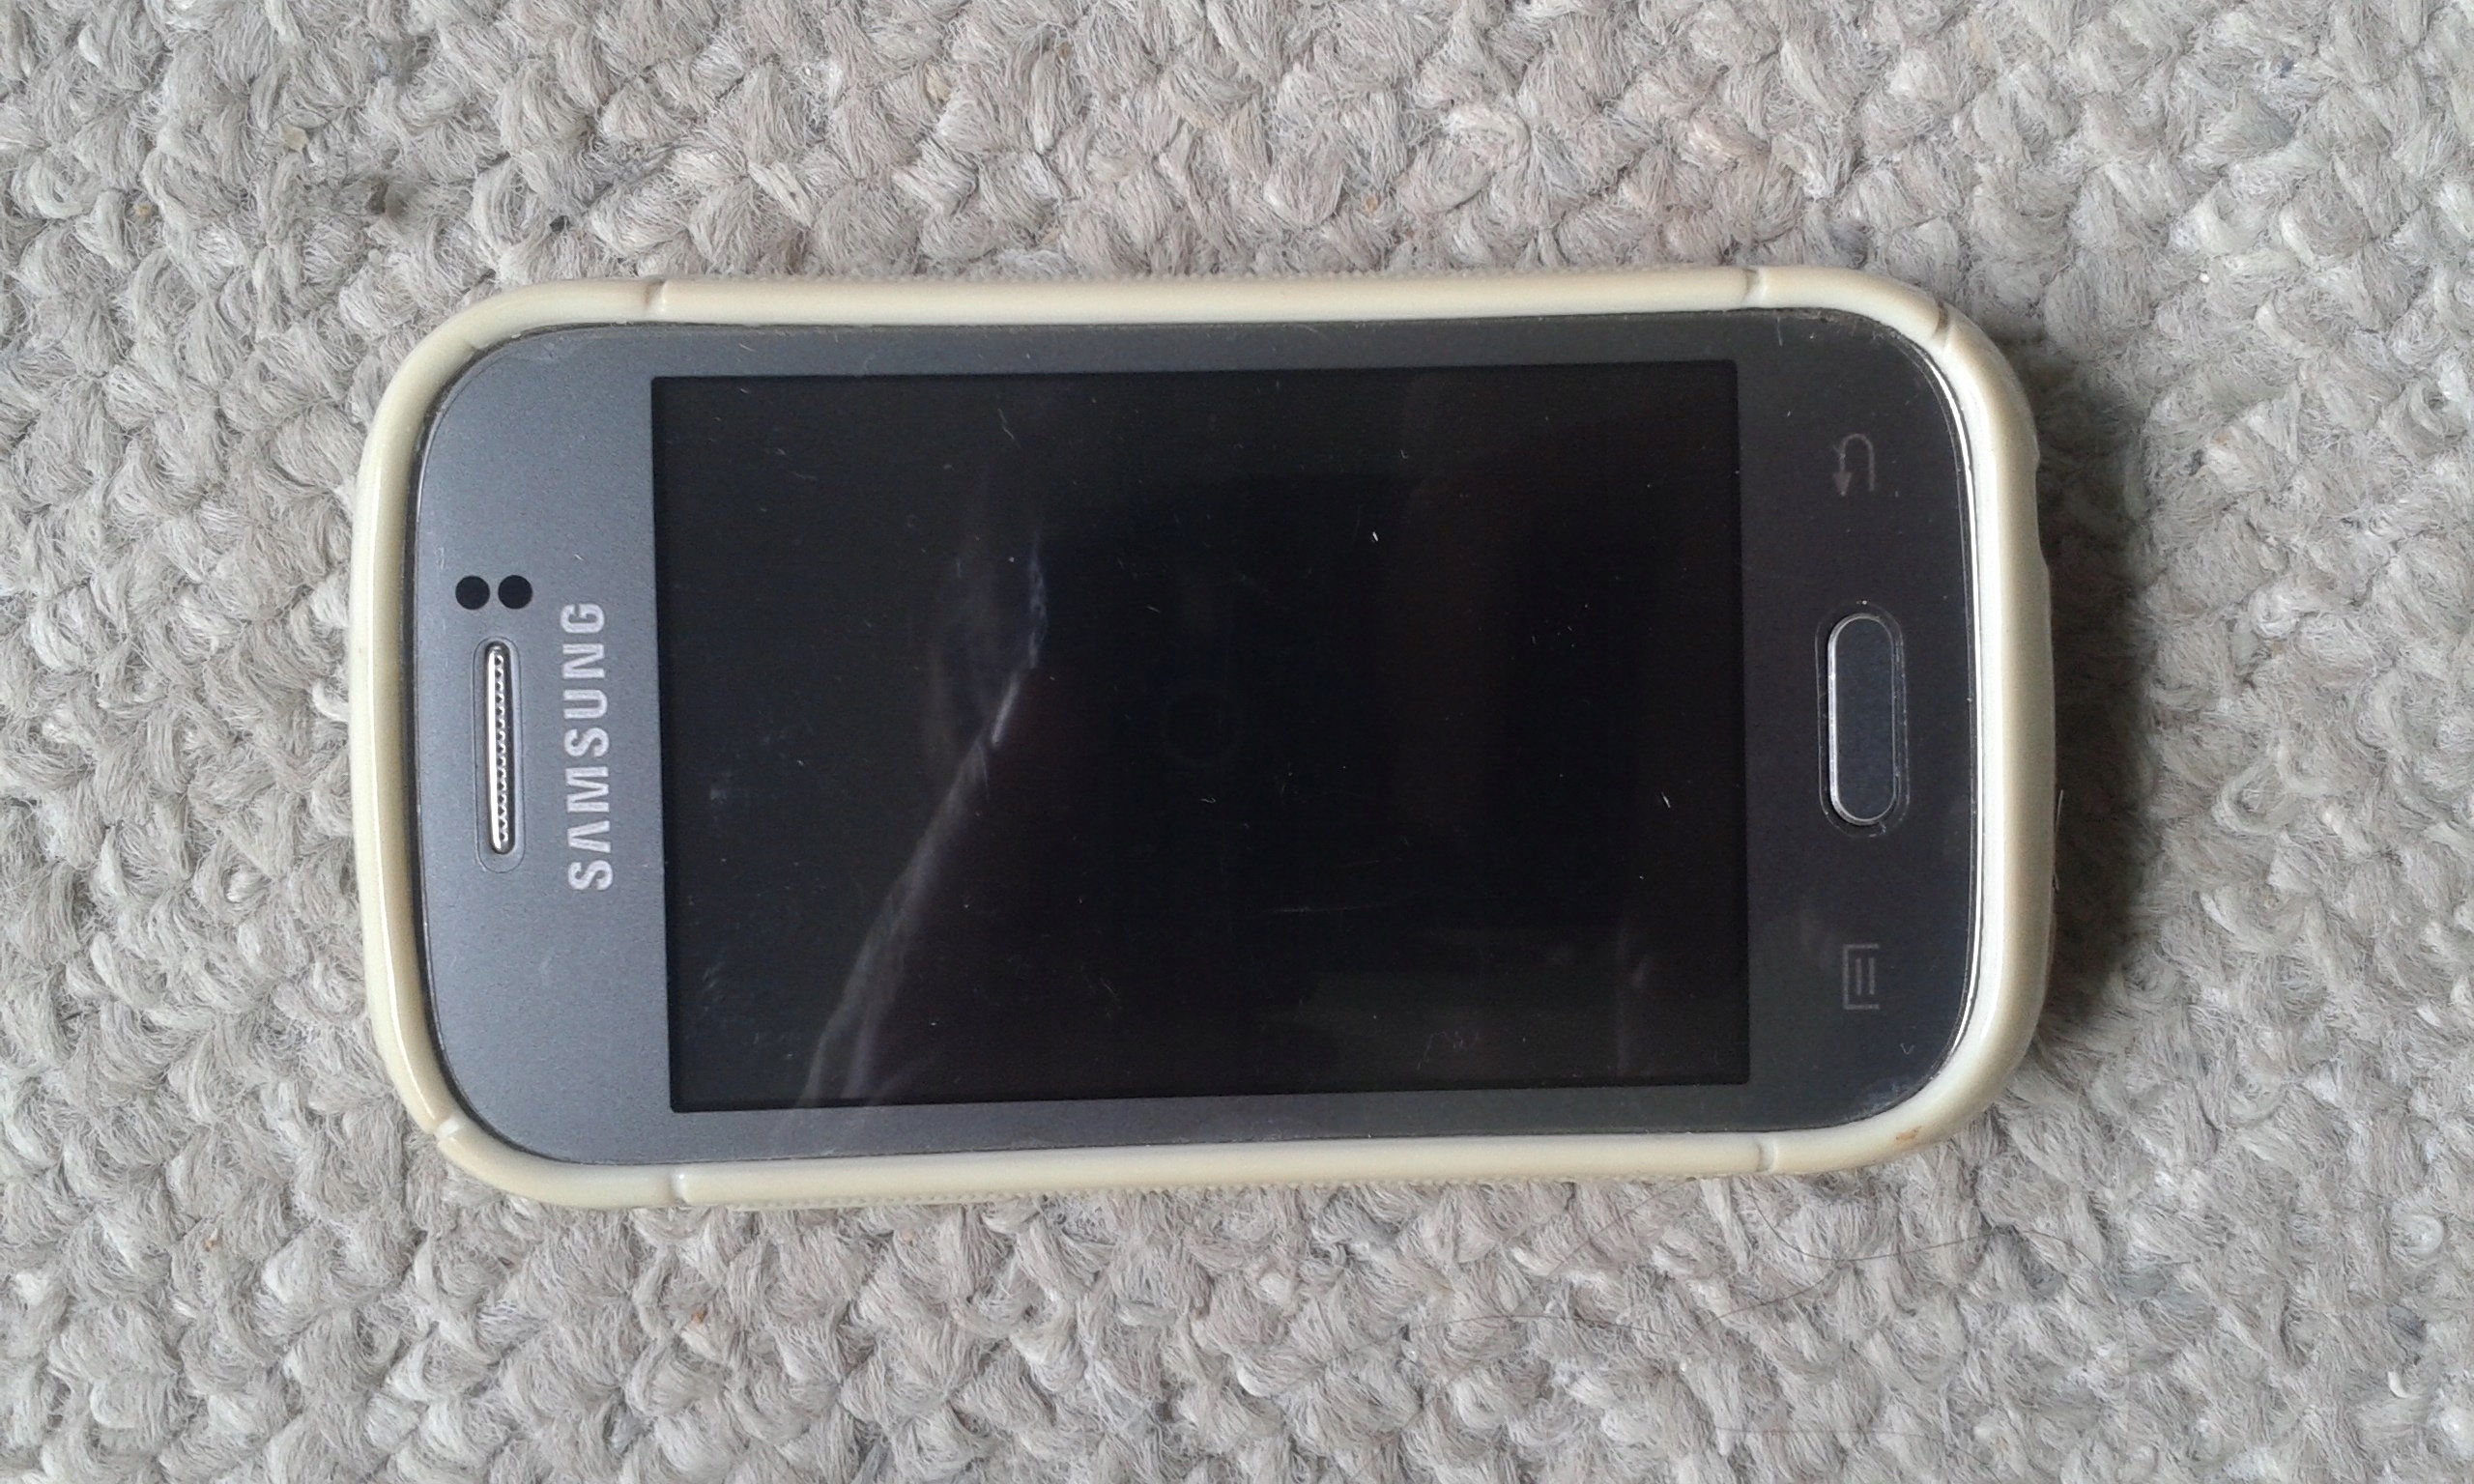 Samsung Gt S6310 Galaxy Young Pudeko Zestaw Okazj 7408045214 New